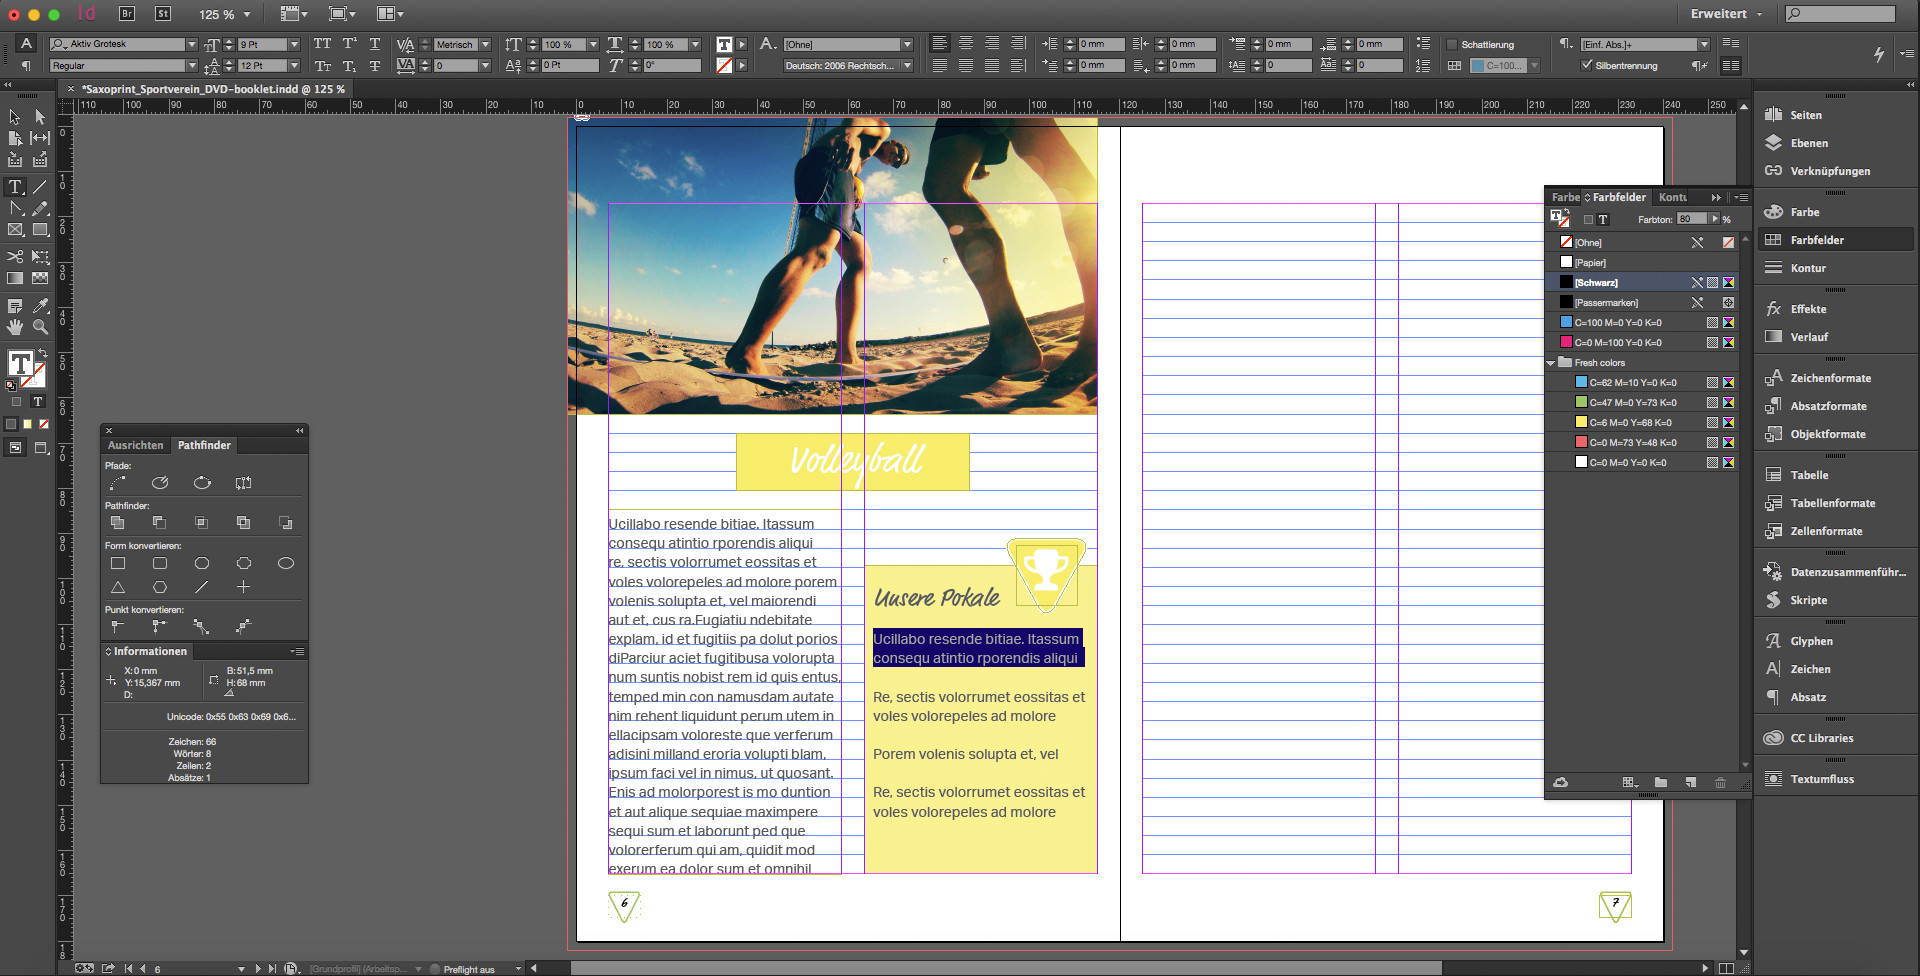 DVD Booklets für den Sportverein erstellen SAXOPRINT